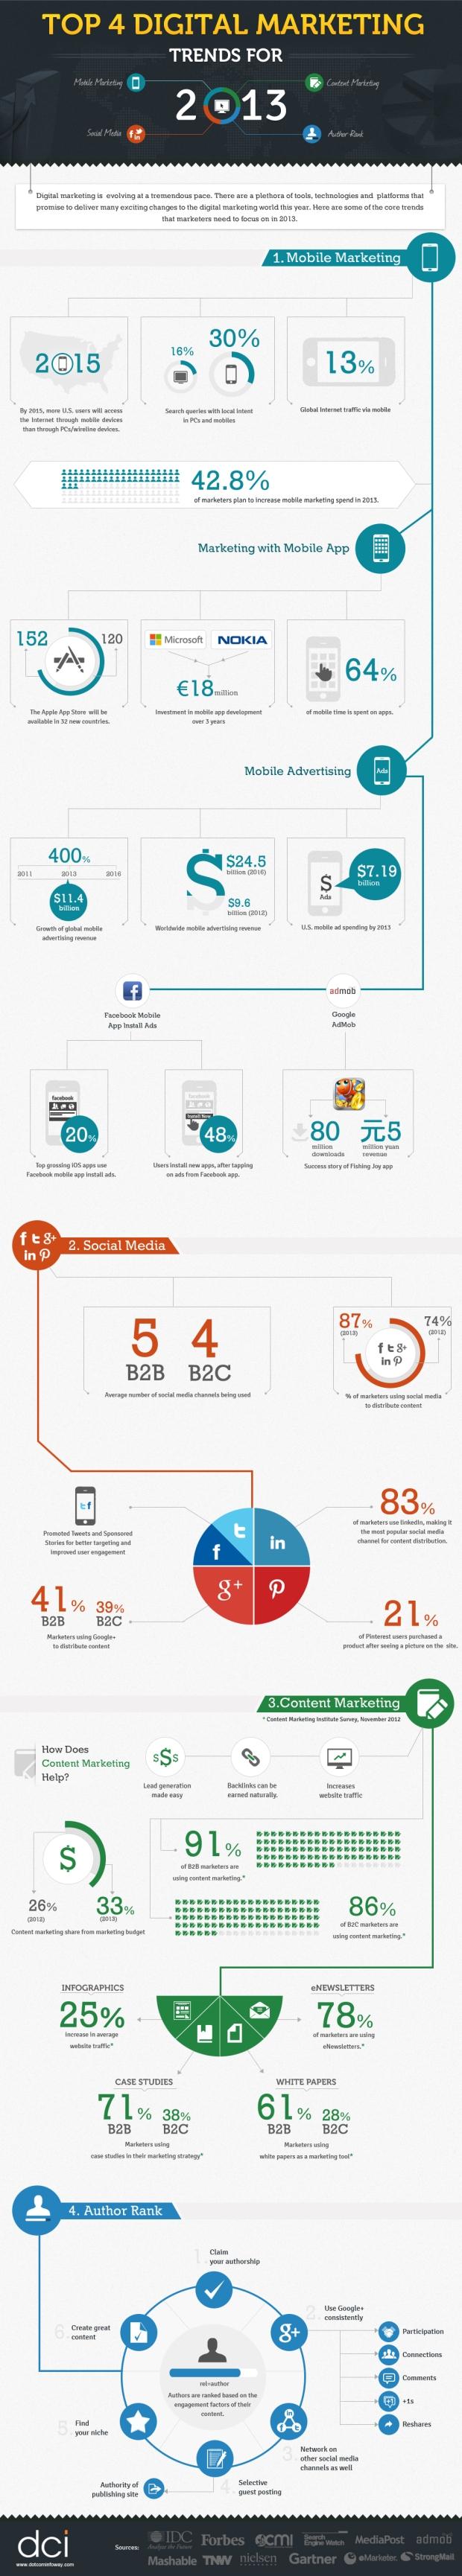 top-4-digital-marketing-trends_5187cc7db178a